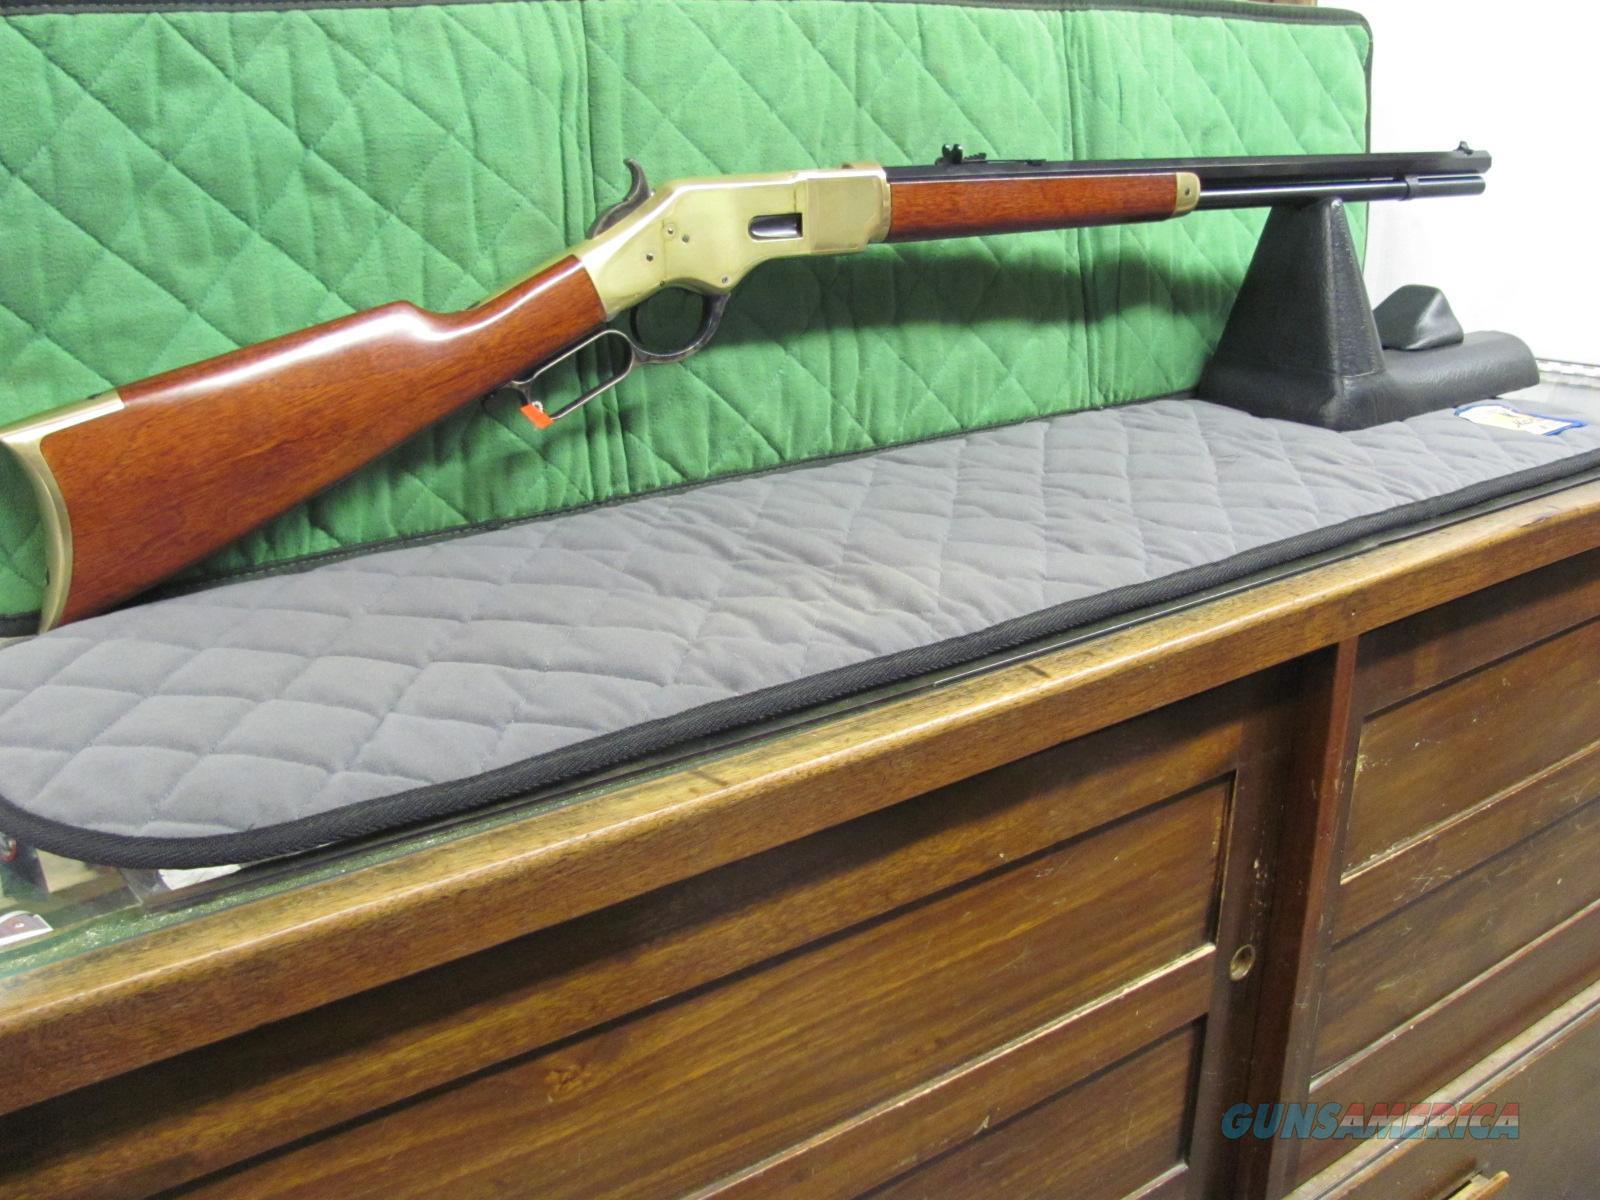 Uberti 1866 Yellowboy Sporting Rifle 38 spl **NEW**  Guns > Rifles > Uberti Rifles > Lever Action